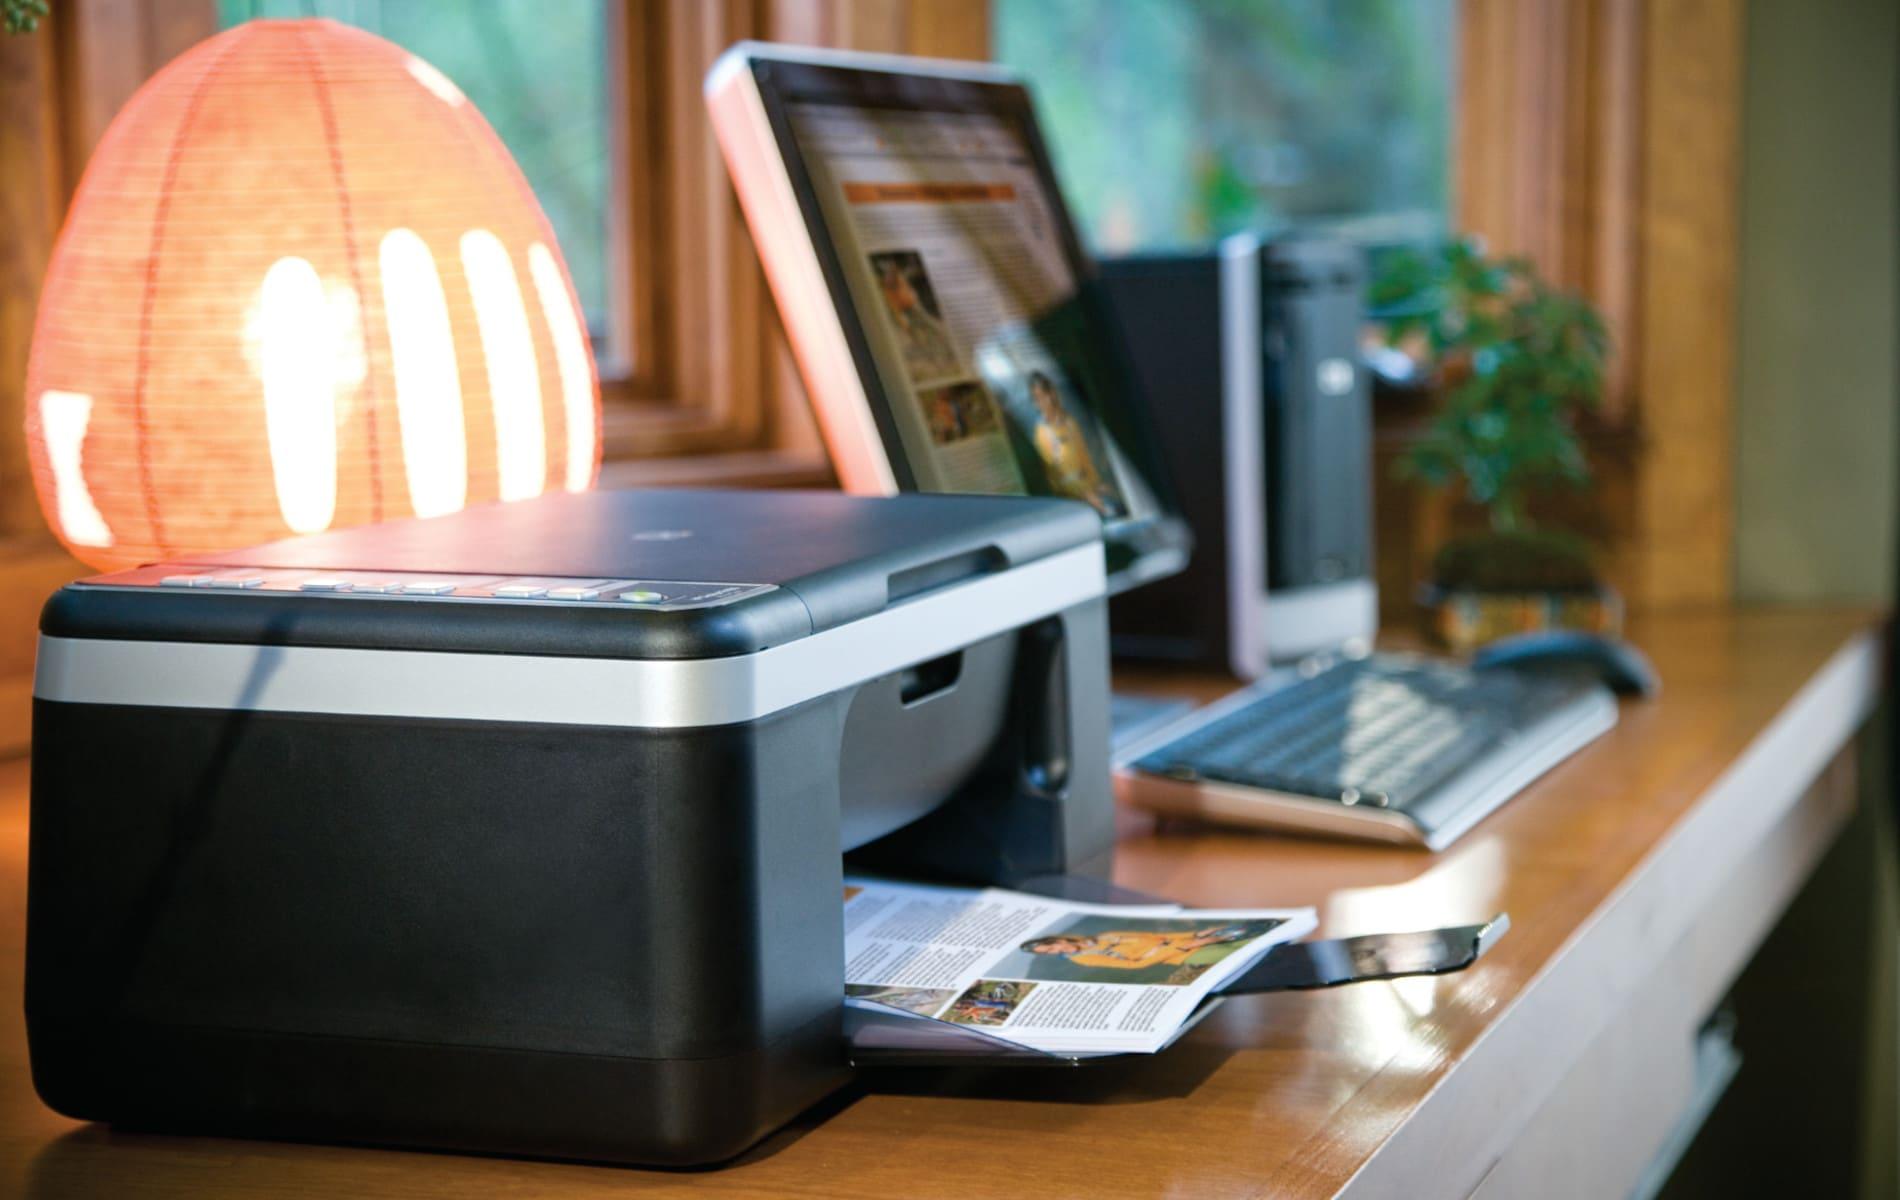 Selbst keine Drucker oder Kopierer verfügen mittlerweile über eine hohe Geschwindigkeit. Wie z.B. Geräte von HP.